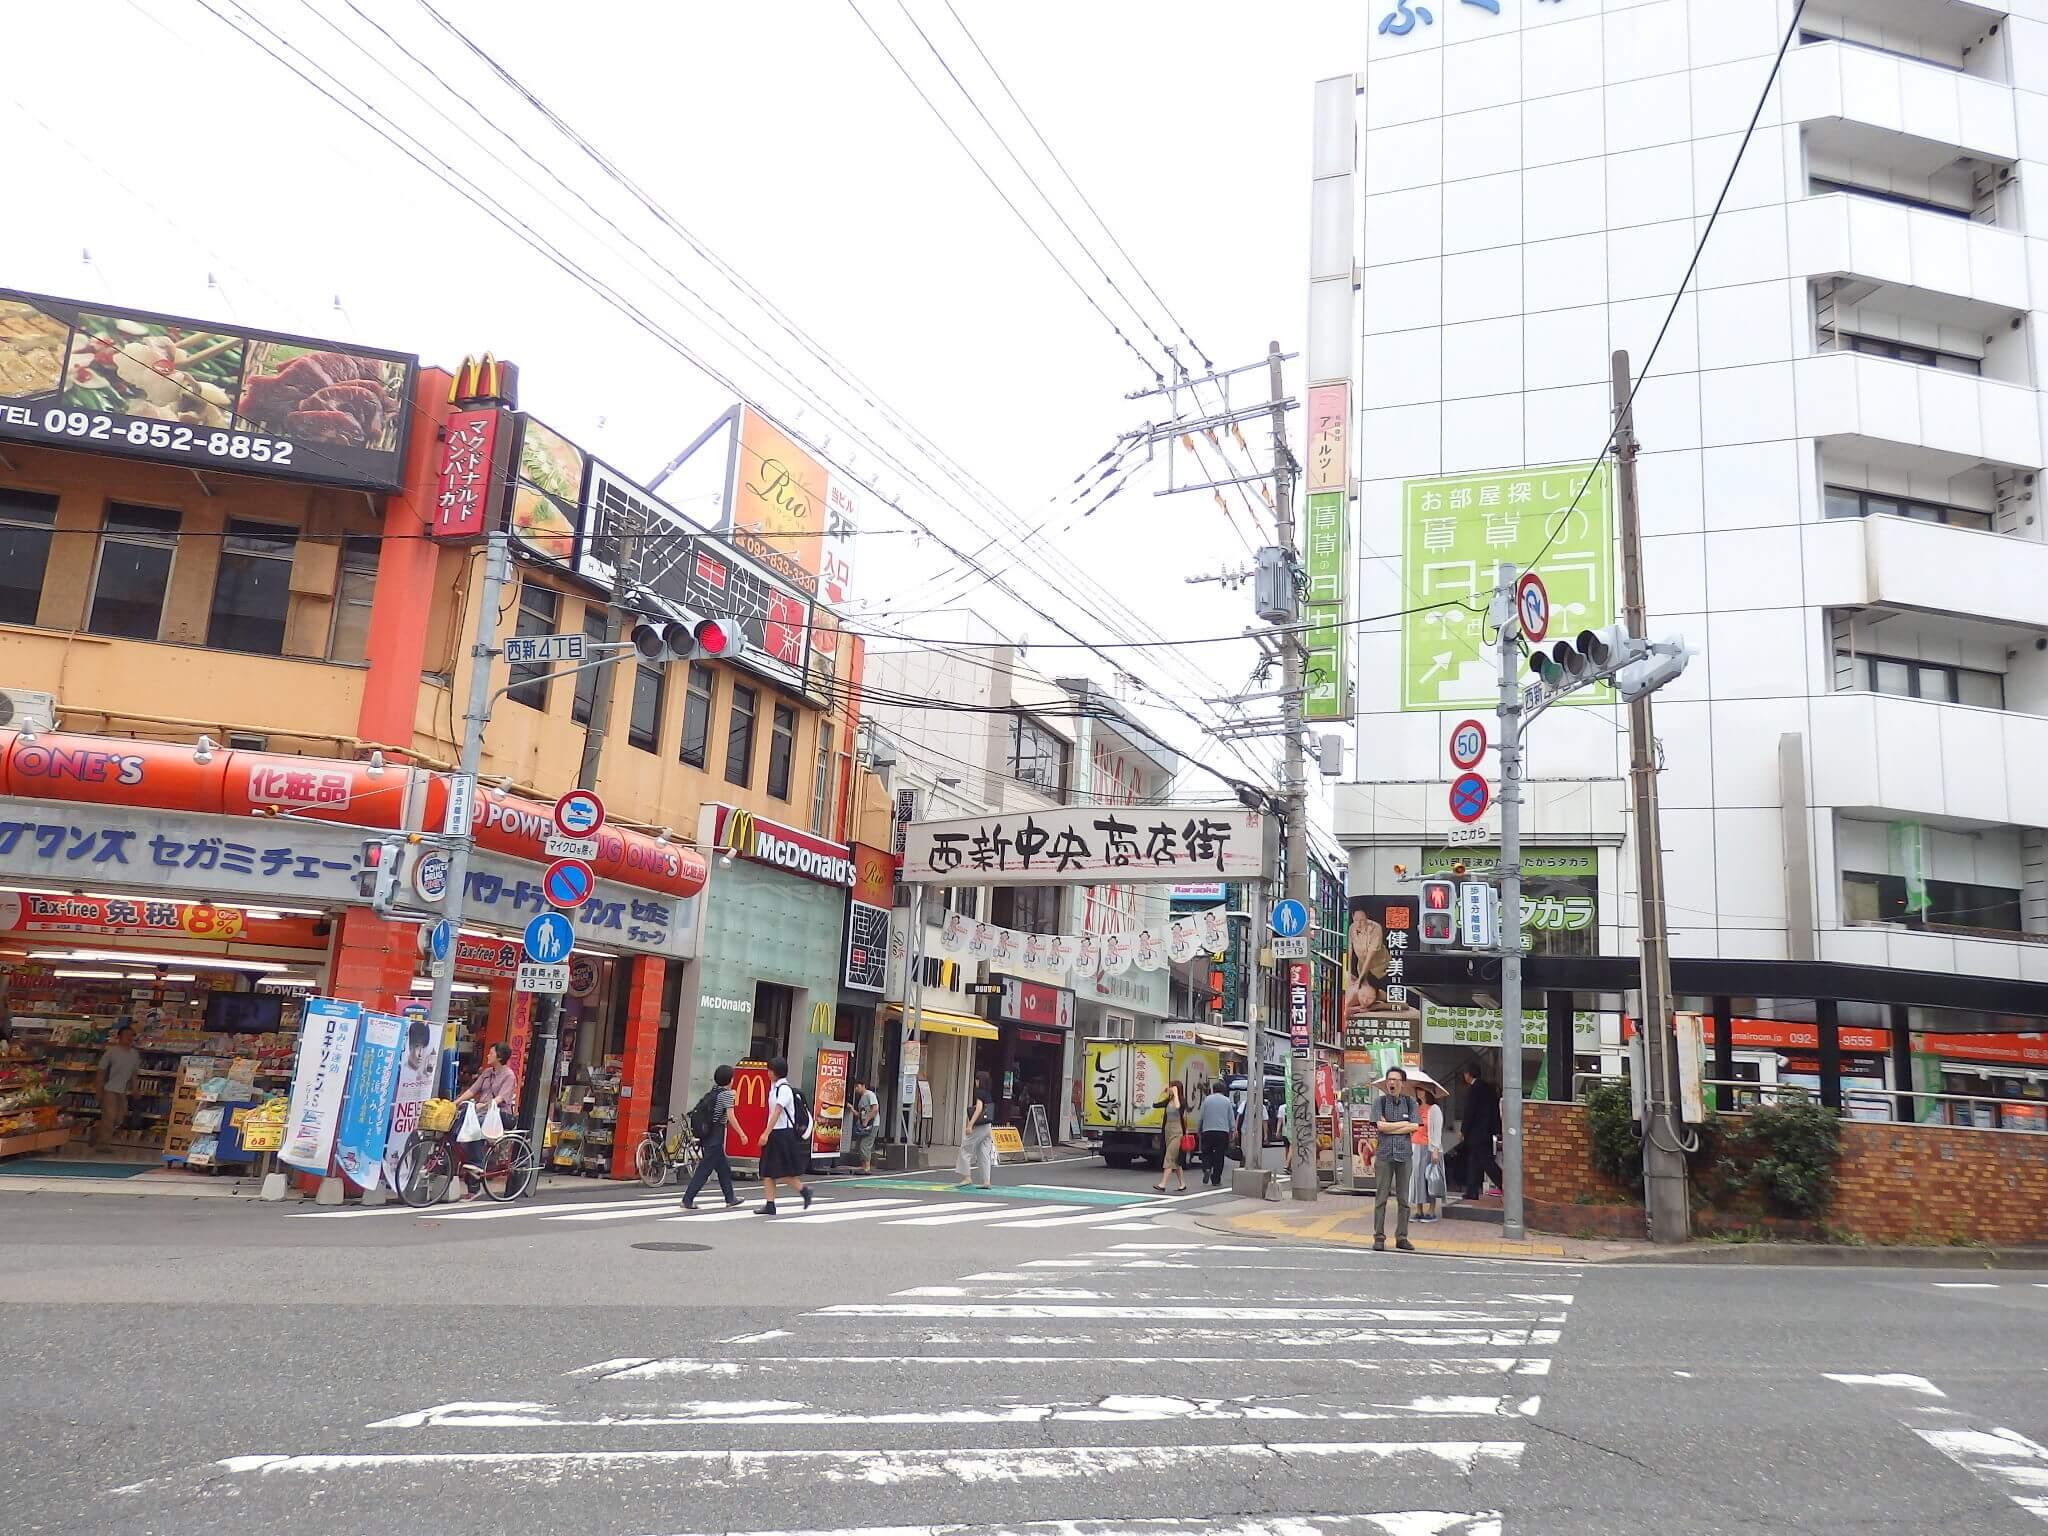 お隣の西新とともに、商店街散策が楽しい街として知られます(写真は西新商店街。西新のお部屋まとめはこちら)